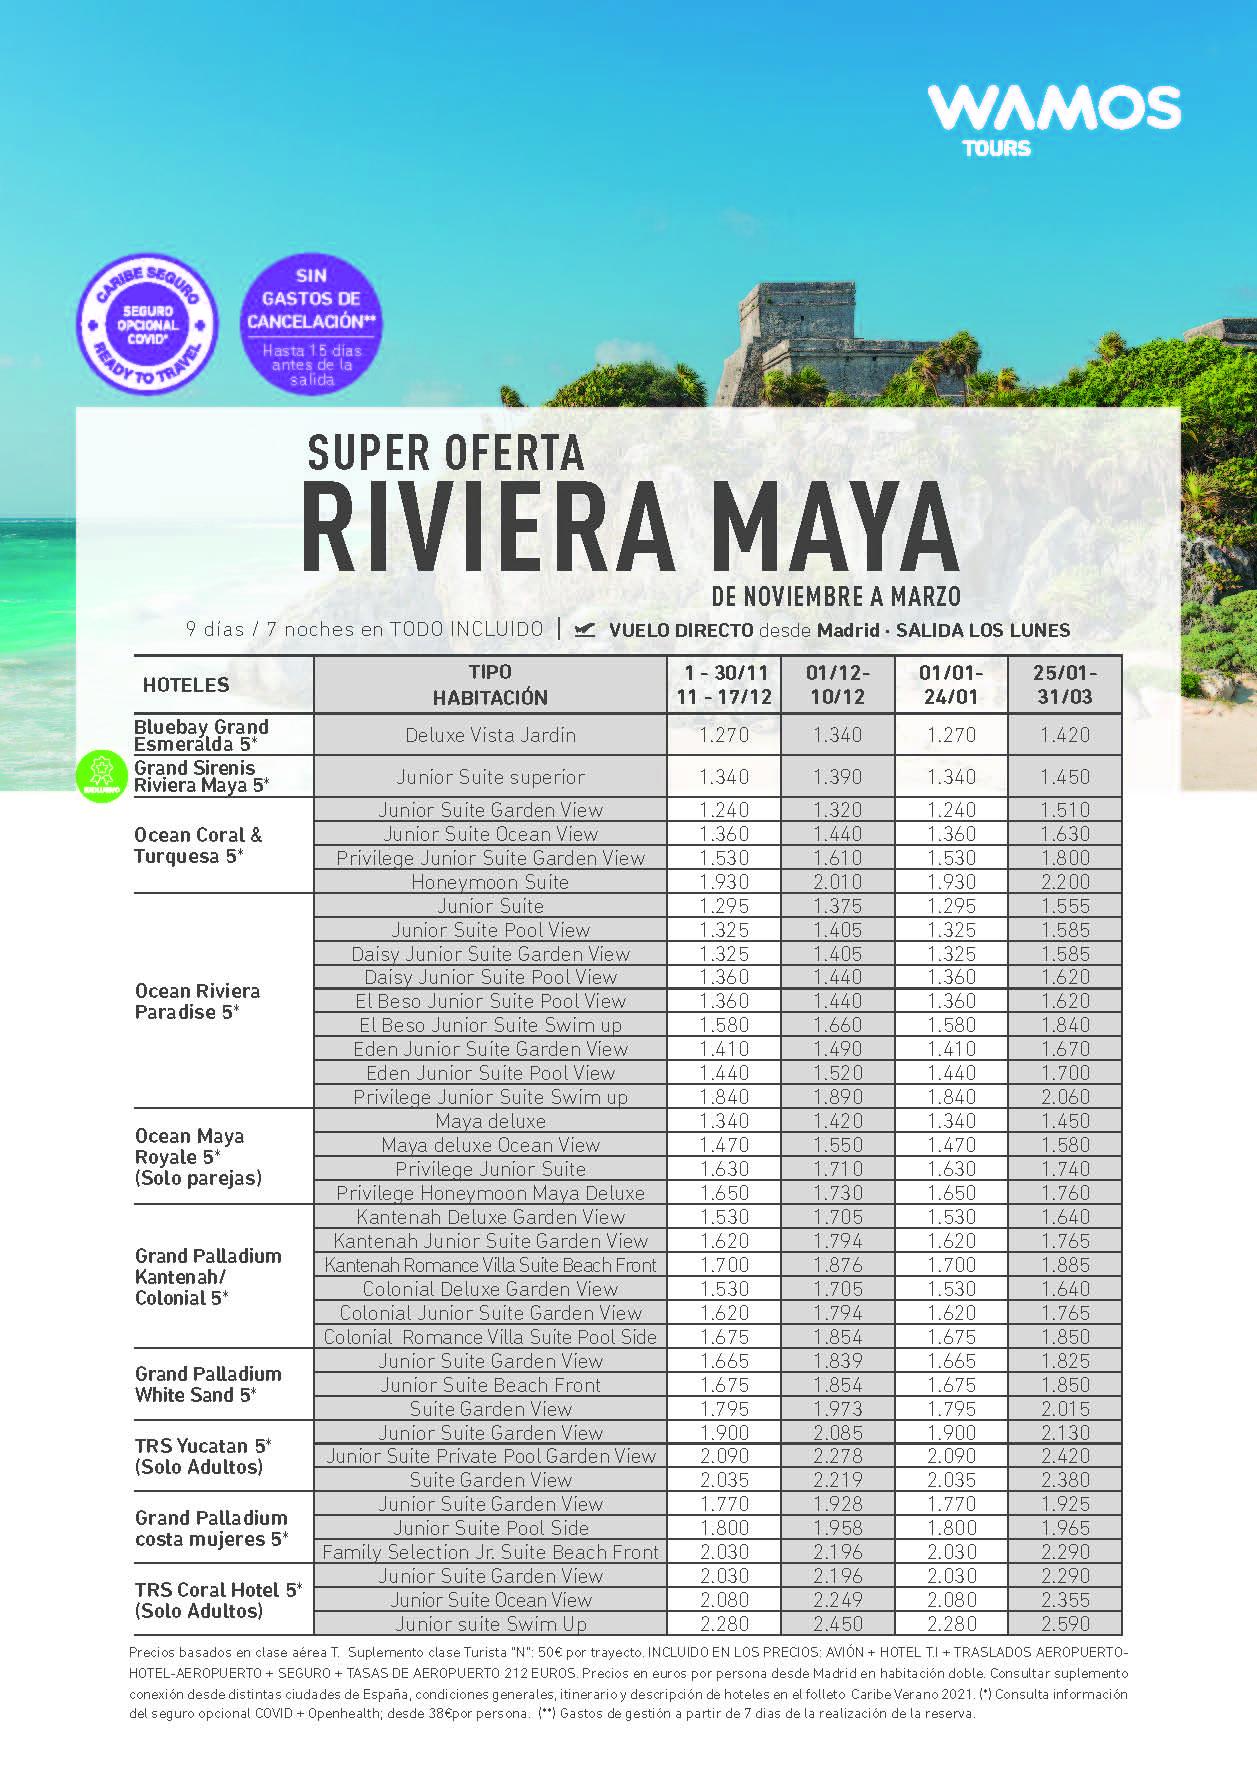 Super Ofertas Wamos Tours Riviera Maya Mexico Noviembre 2021 a Marzo 2022 salida en vuelo directo desde Madrid